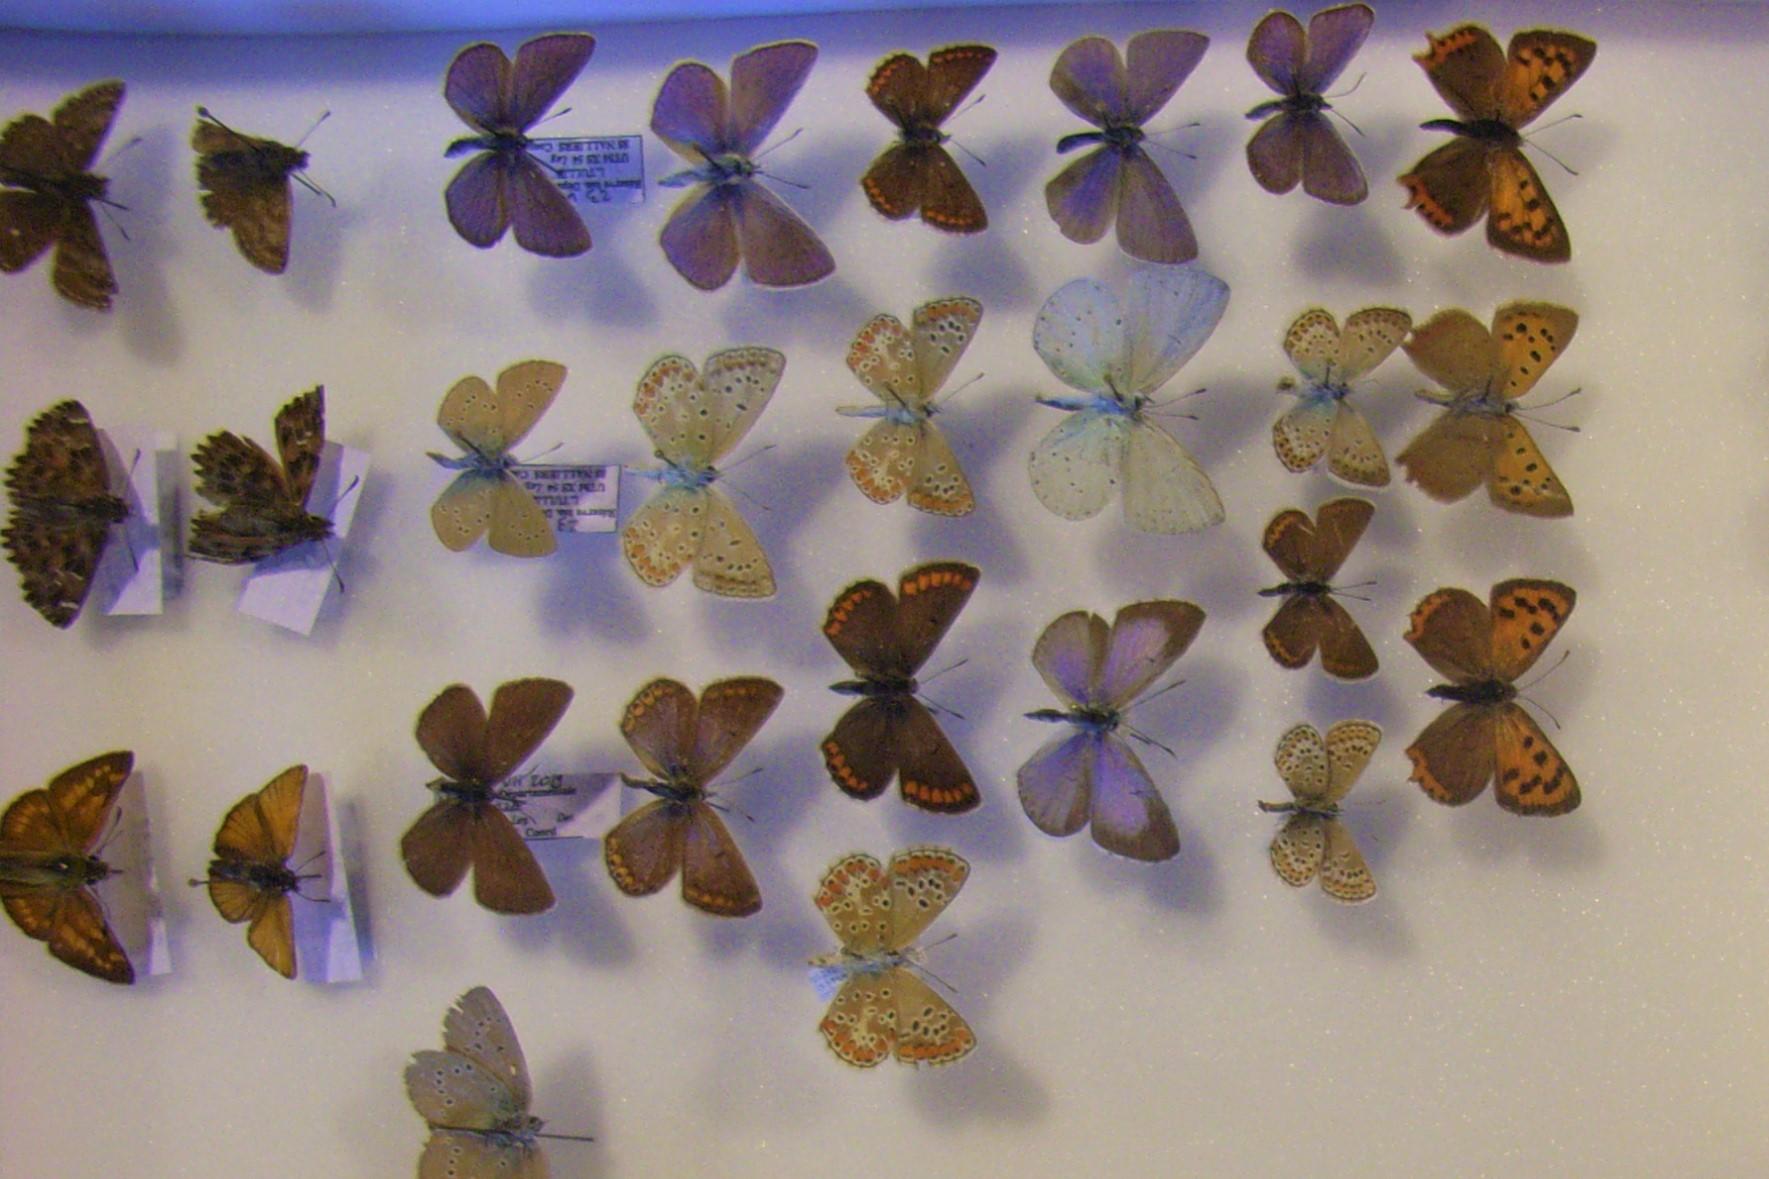 Collections naturalistes : inventaires de biodiversité !